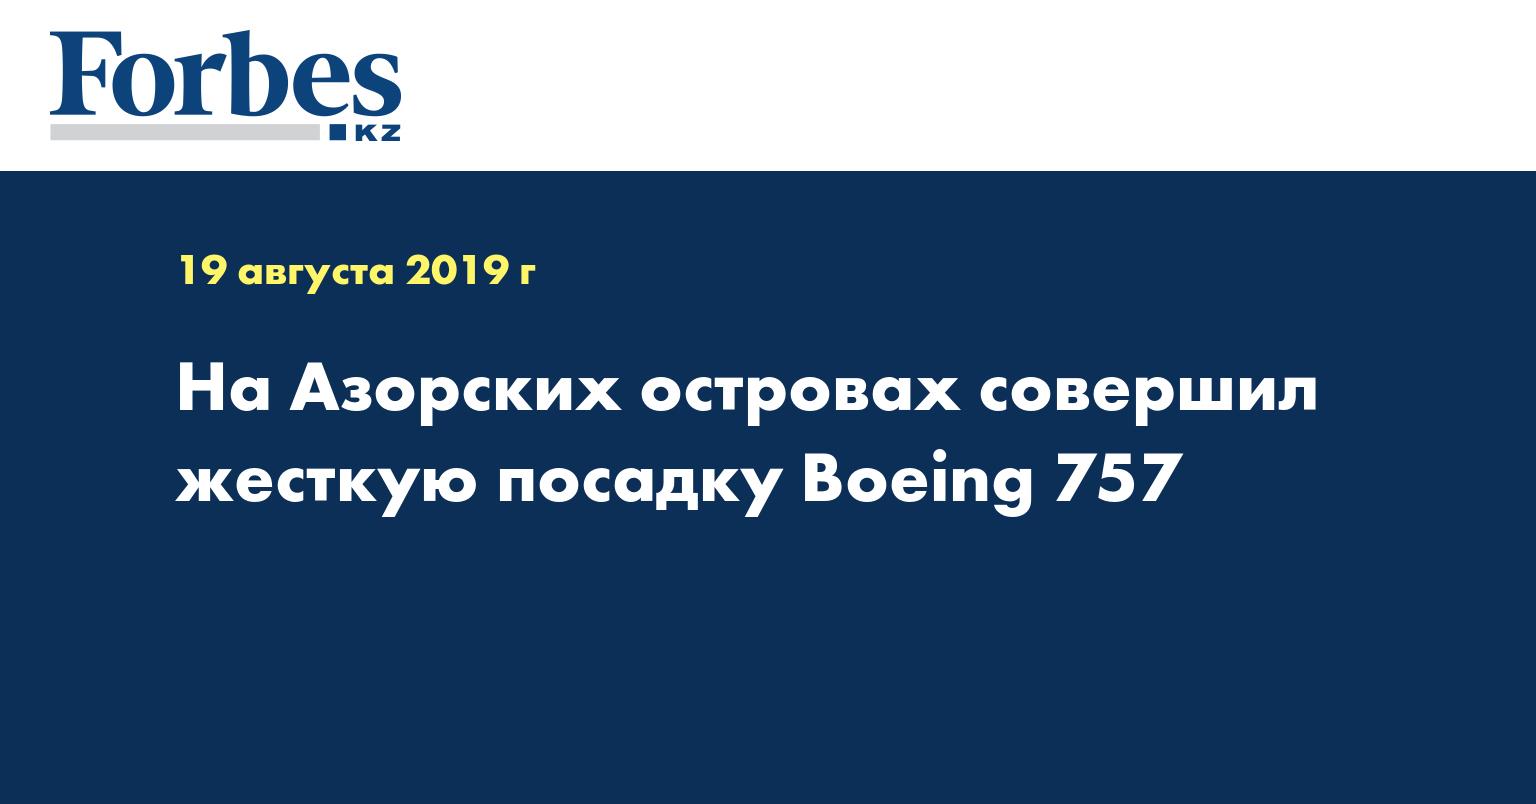 На Азорских островах совершил жесткую посадку Boeing 757